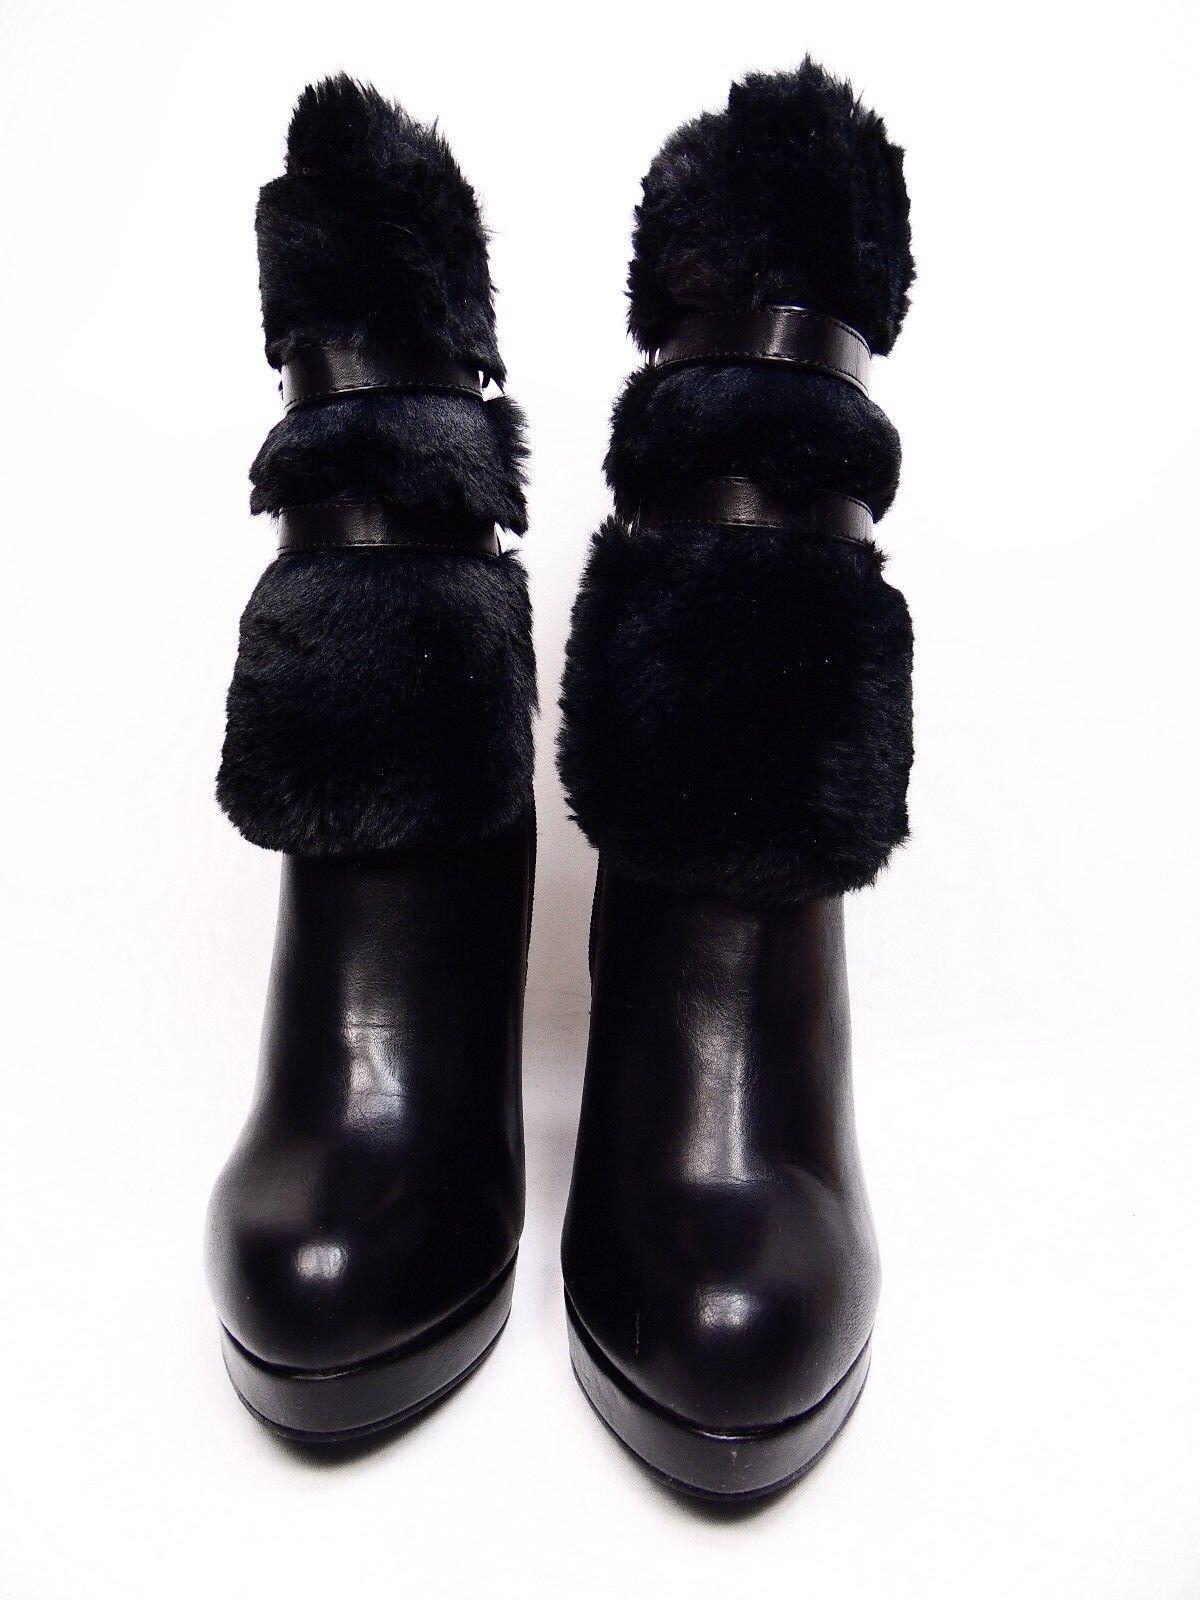 Olivia Miller Booties Women's Nevins  High-heel Booties Miller Black Size 7.5 9f557b